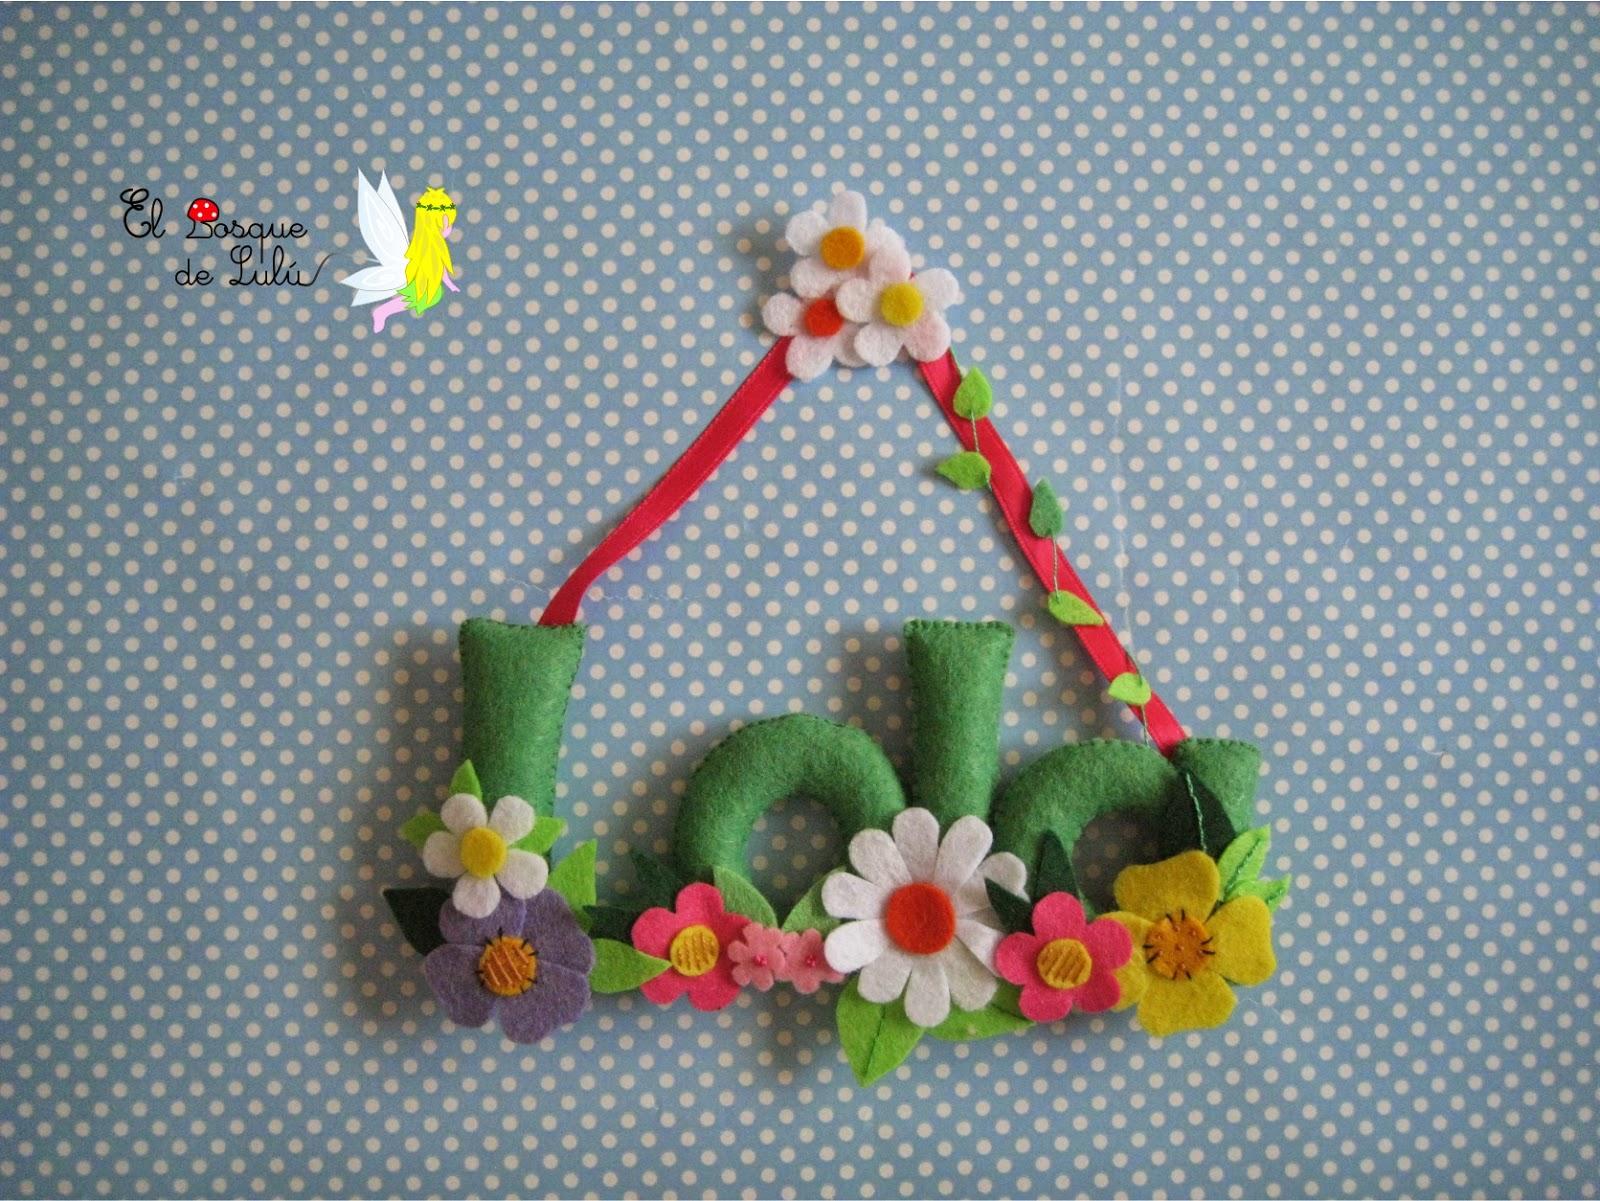 nombre-fieltro-decorativo-Lola-flores-regalo-personalizado